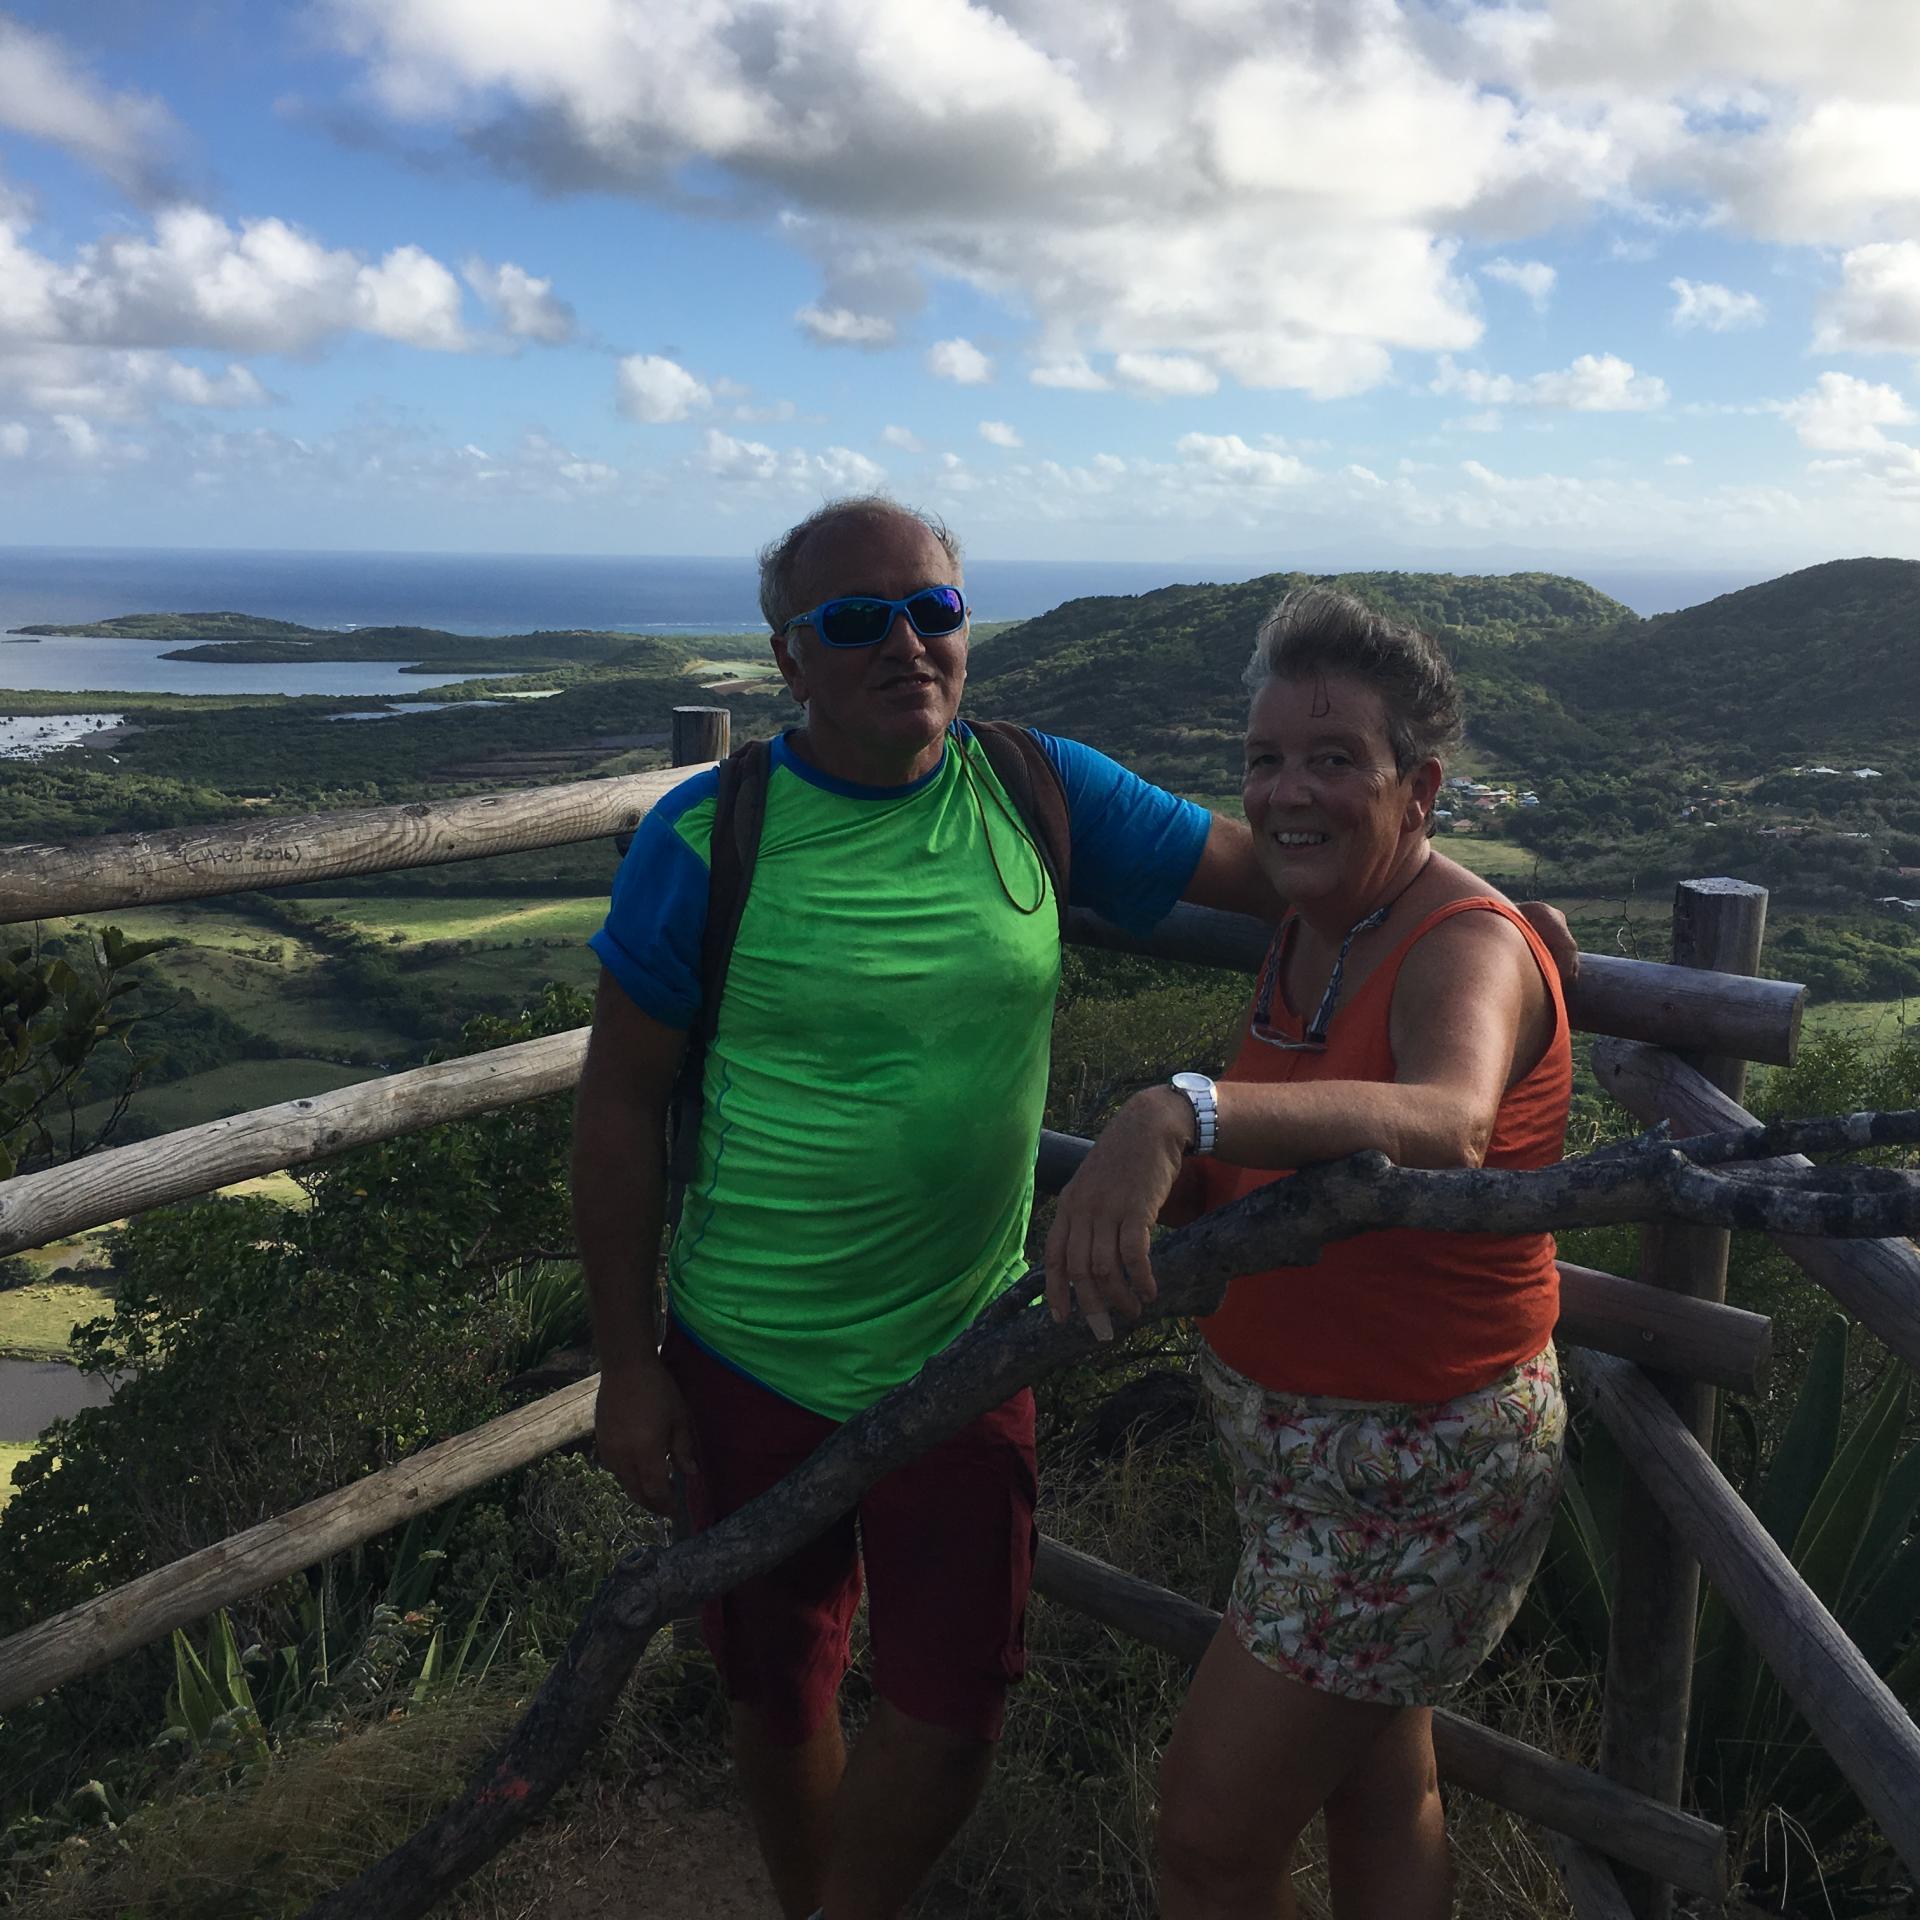 Thierry et Cath au sommet du mont Crève-coeur